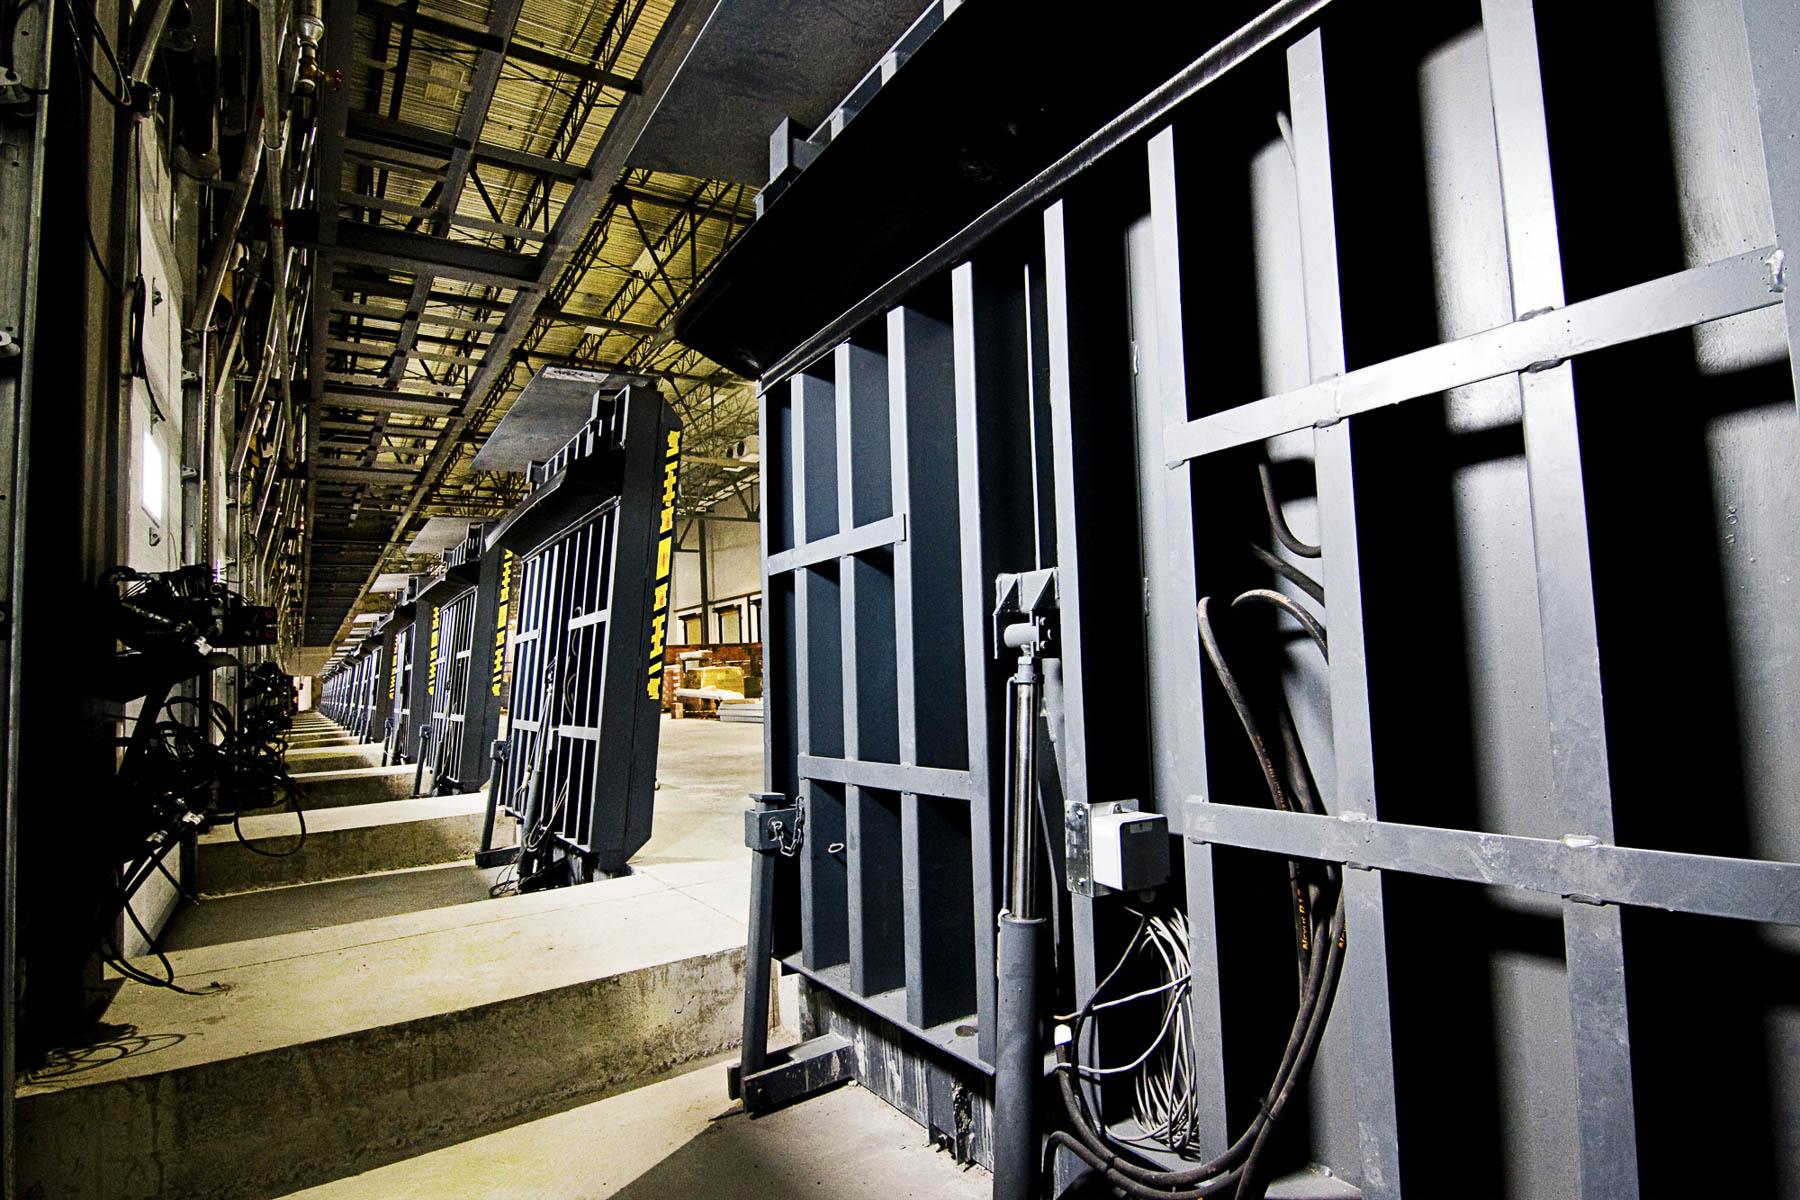 Metro_Entrepot_Construction_14decembre2012_37_web.jpg